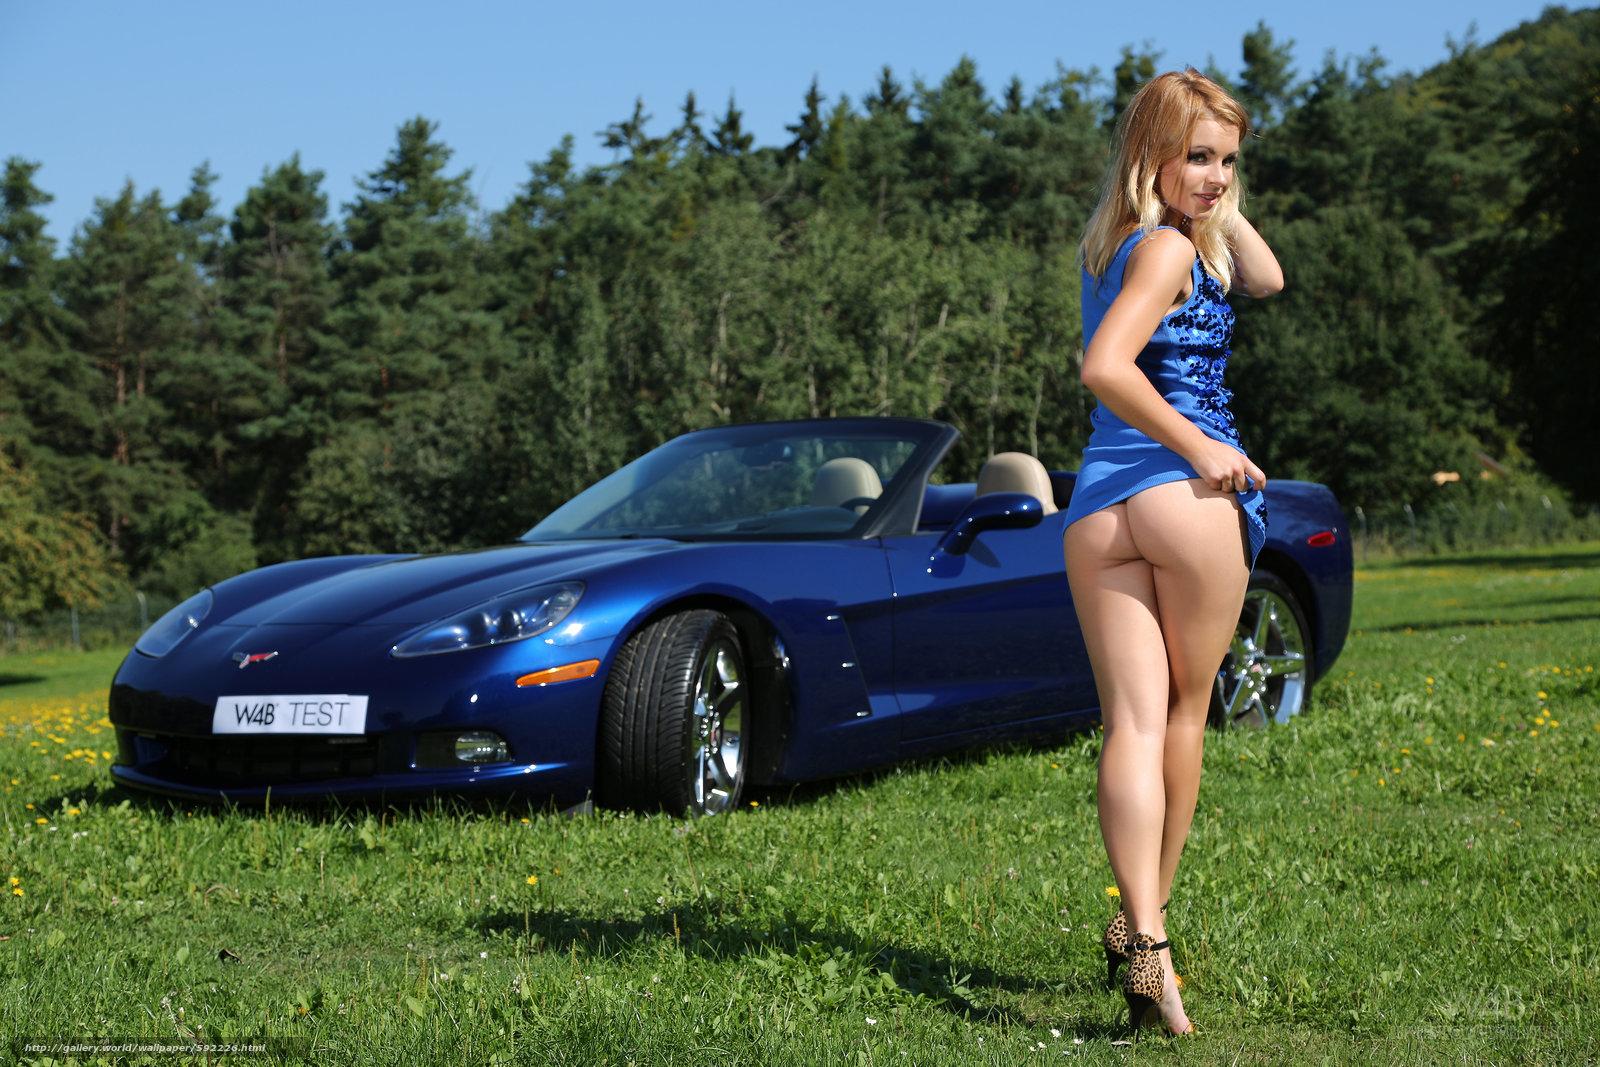 porno-devushki-i-avto